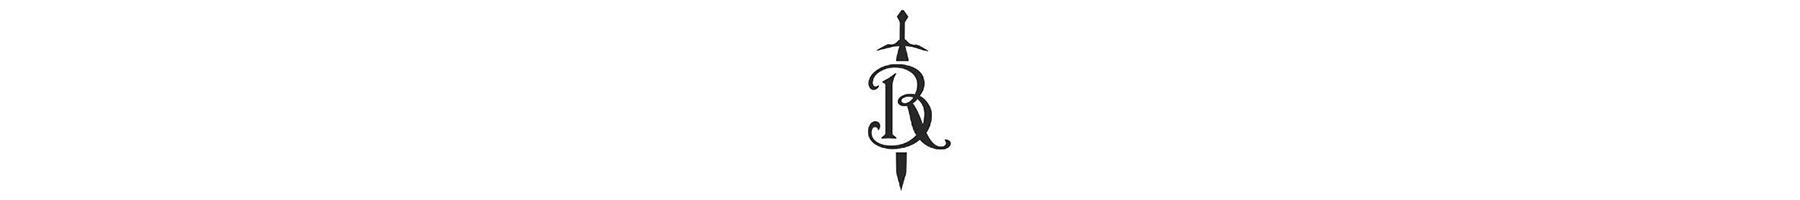 DrJays.com - La Belle Roc